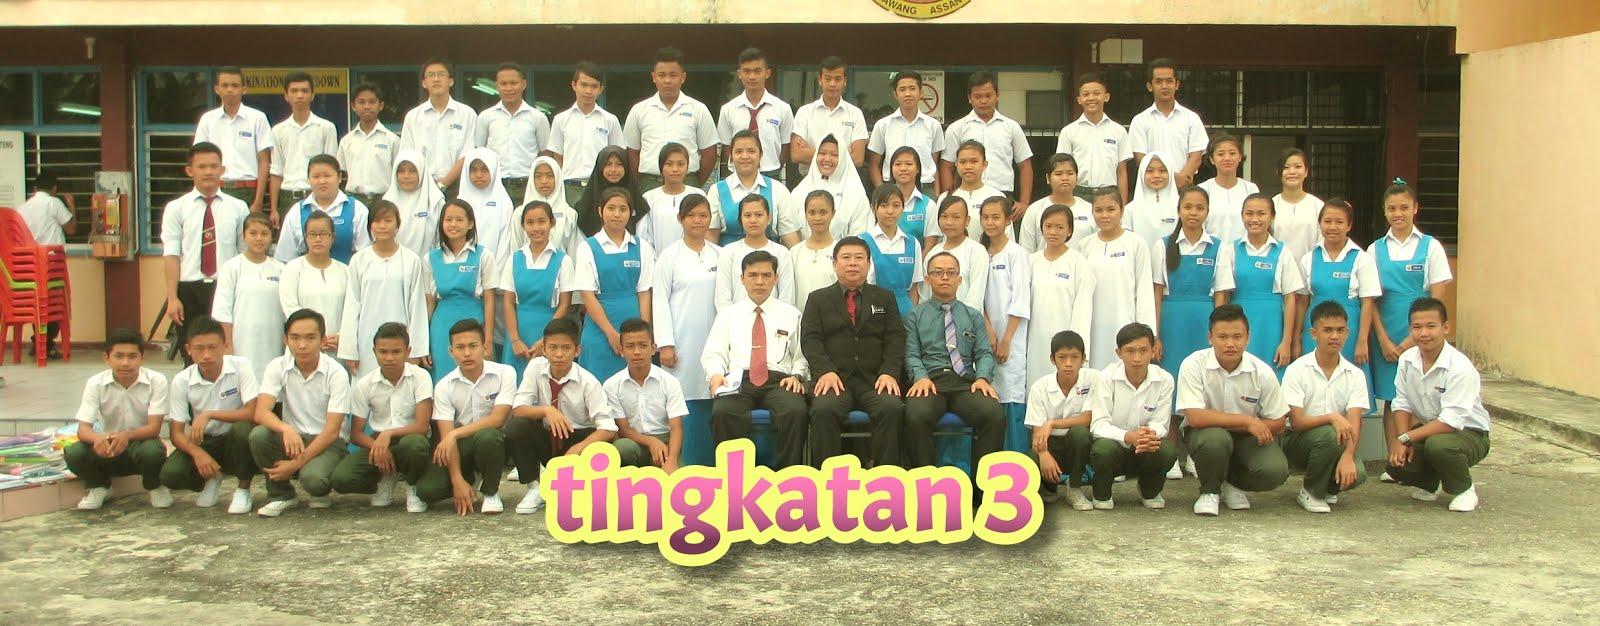 Calon PT3 2015